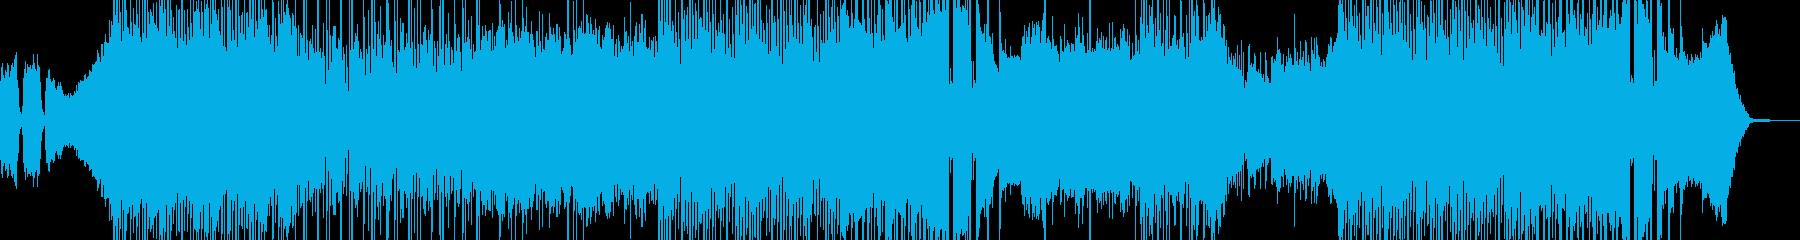 悲しみの波が押し寄せる演出に ドラム有Aの再生済みの波形